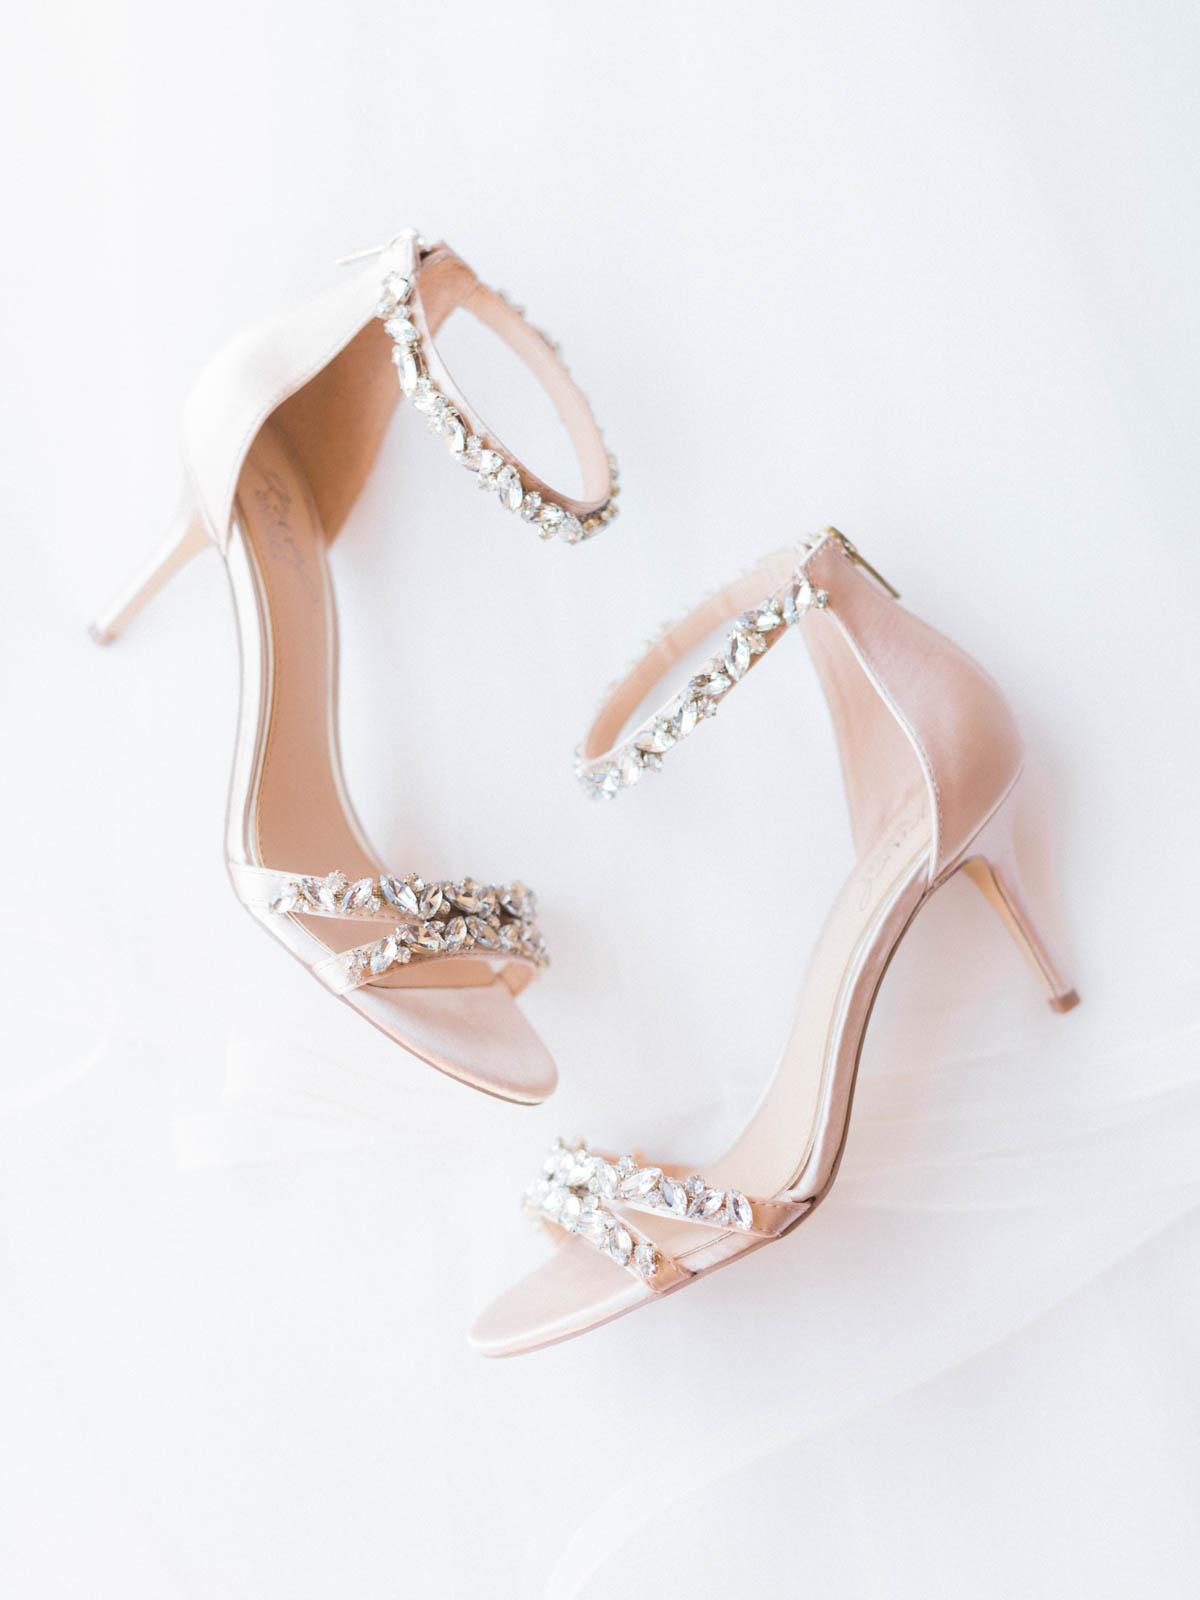 stunning bridal shoes captured by Tucson Wedding Photographers Betsy & John